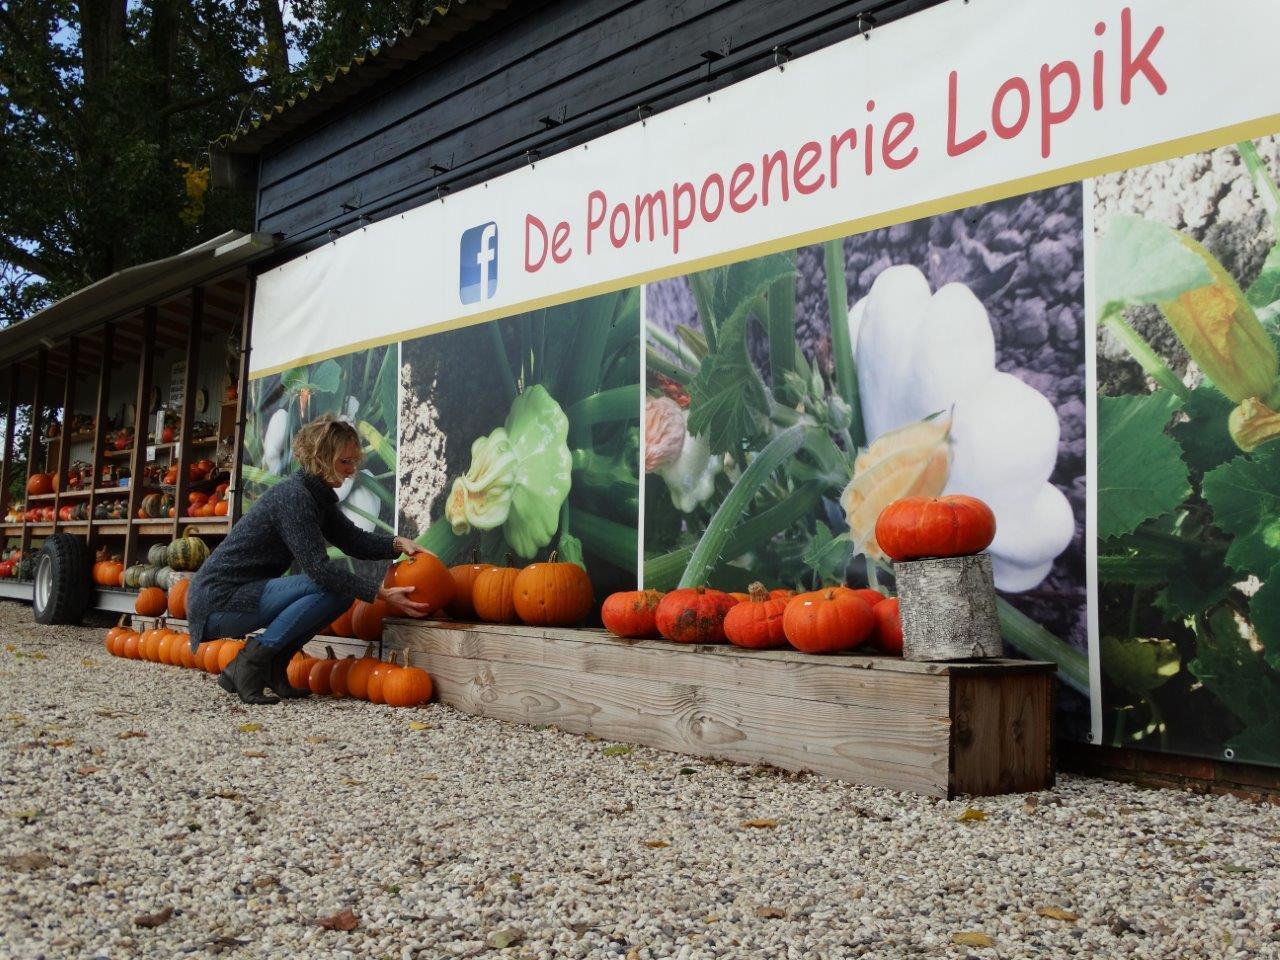 Pompoenerie Lopik geeft kleur in herfsttijd